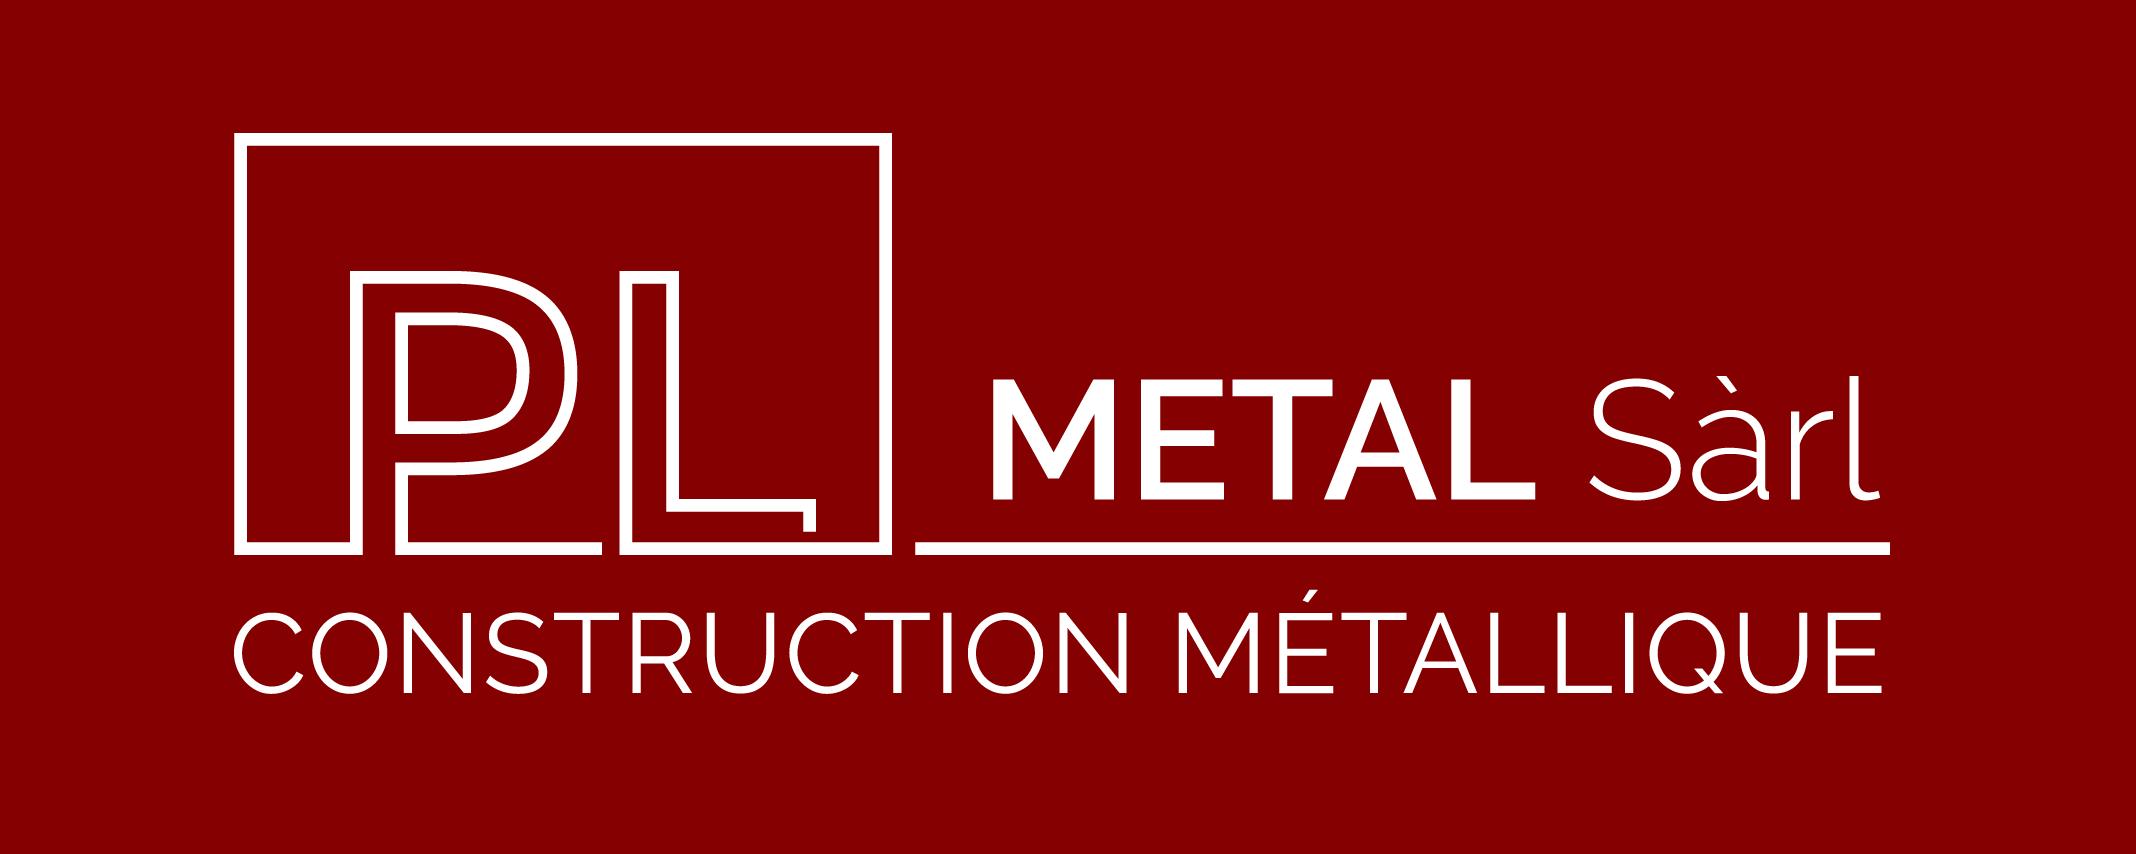 PL-Metal Sàrl